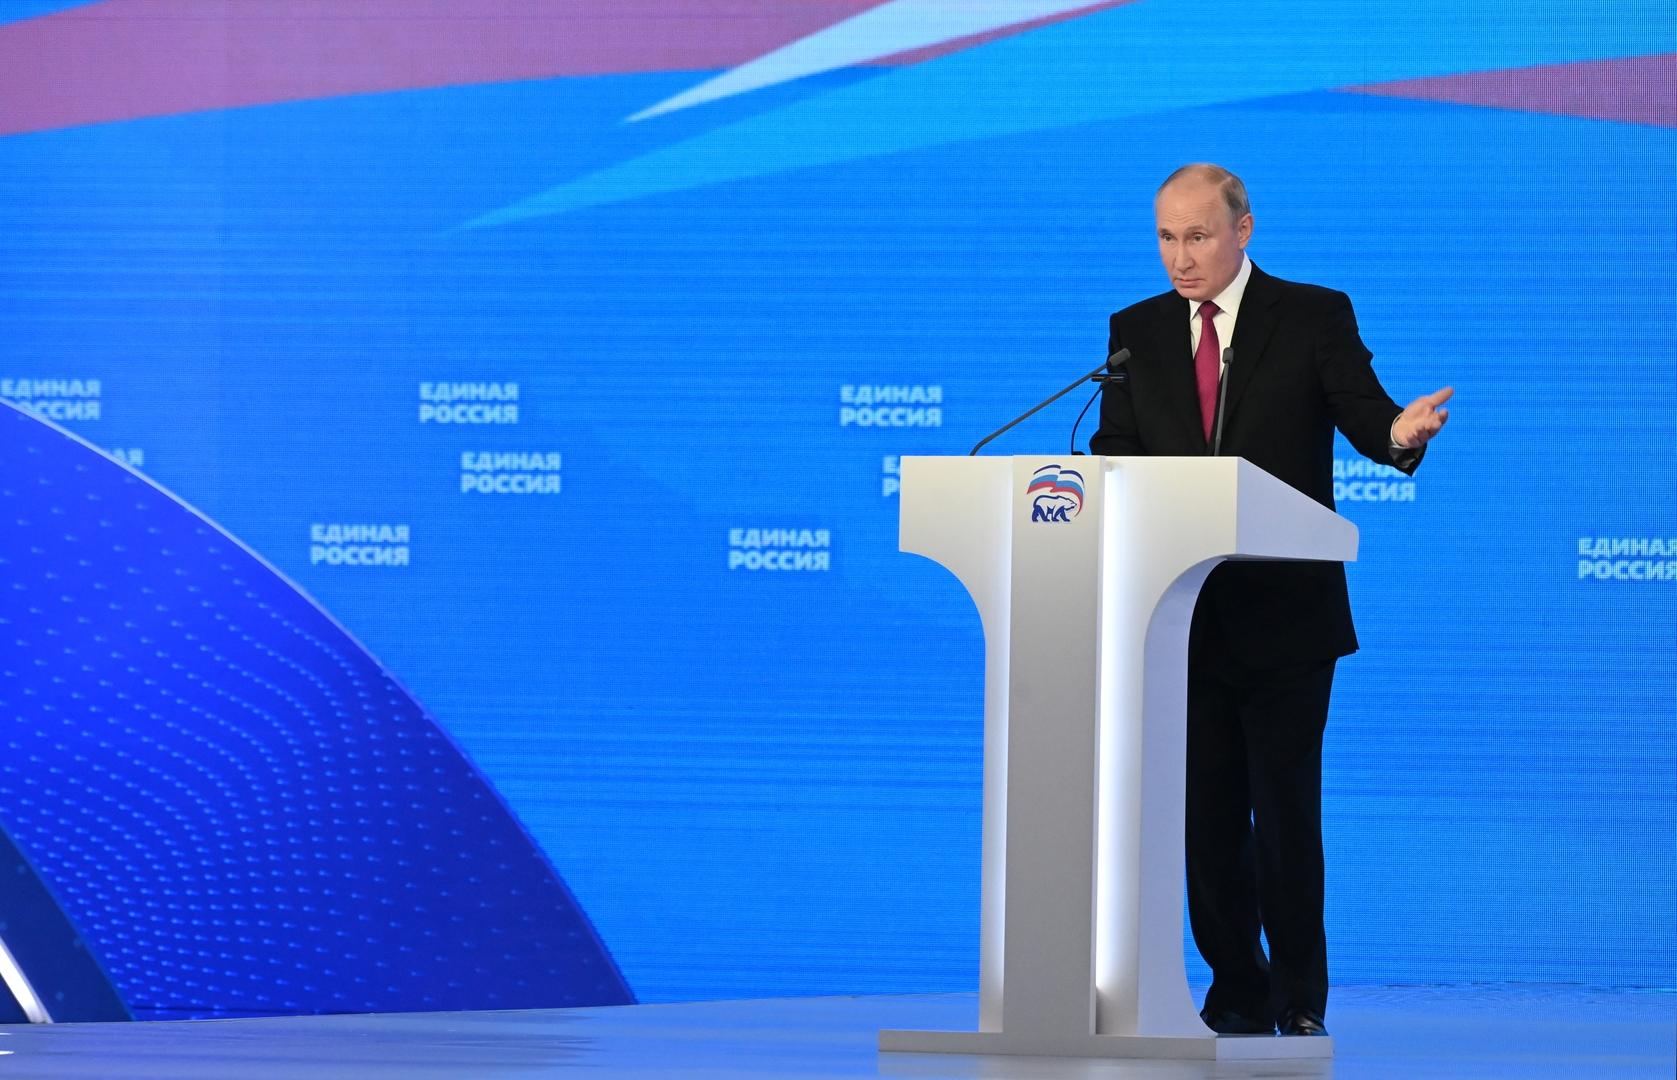 بينهم شويغو ولافروف.. بوتين يرشح 5 شخصيات لصدارة قوائم حزب